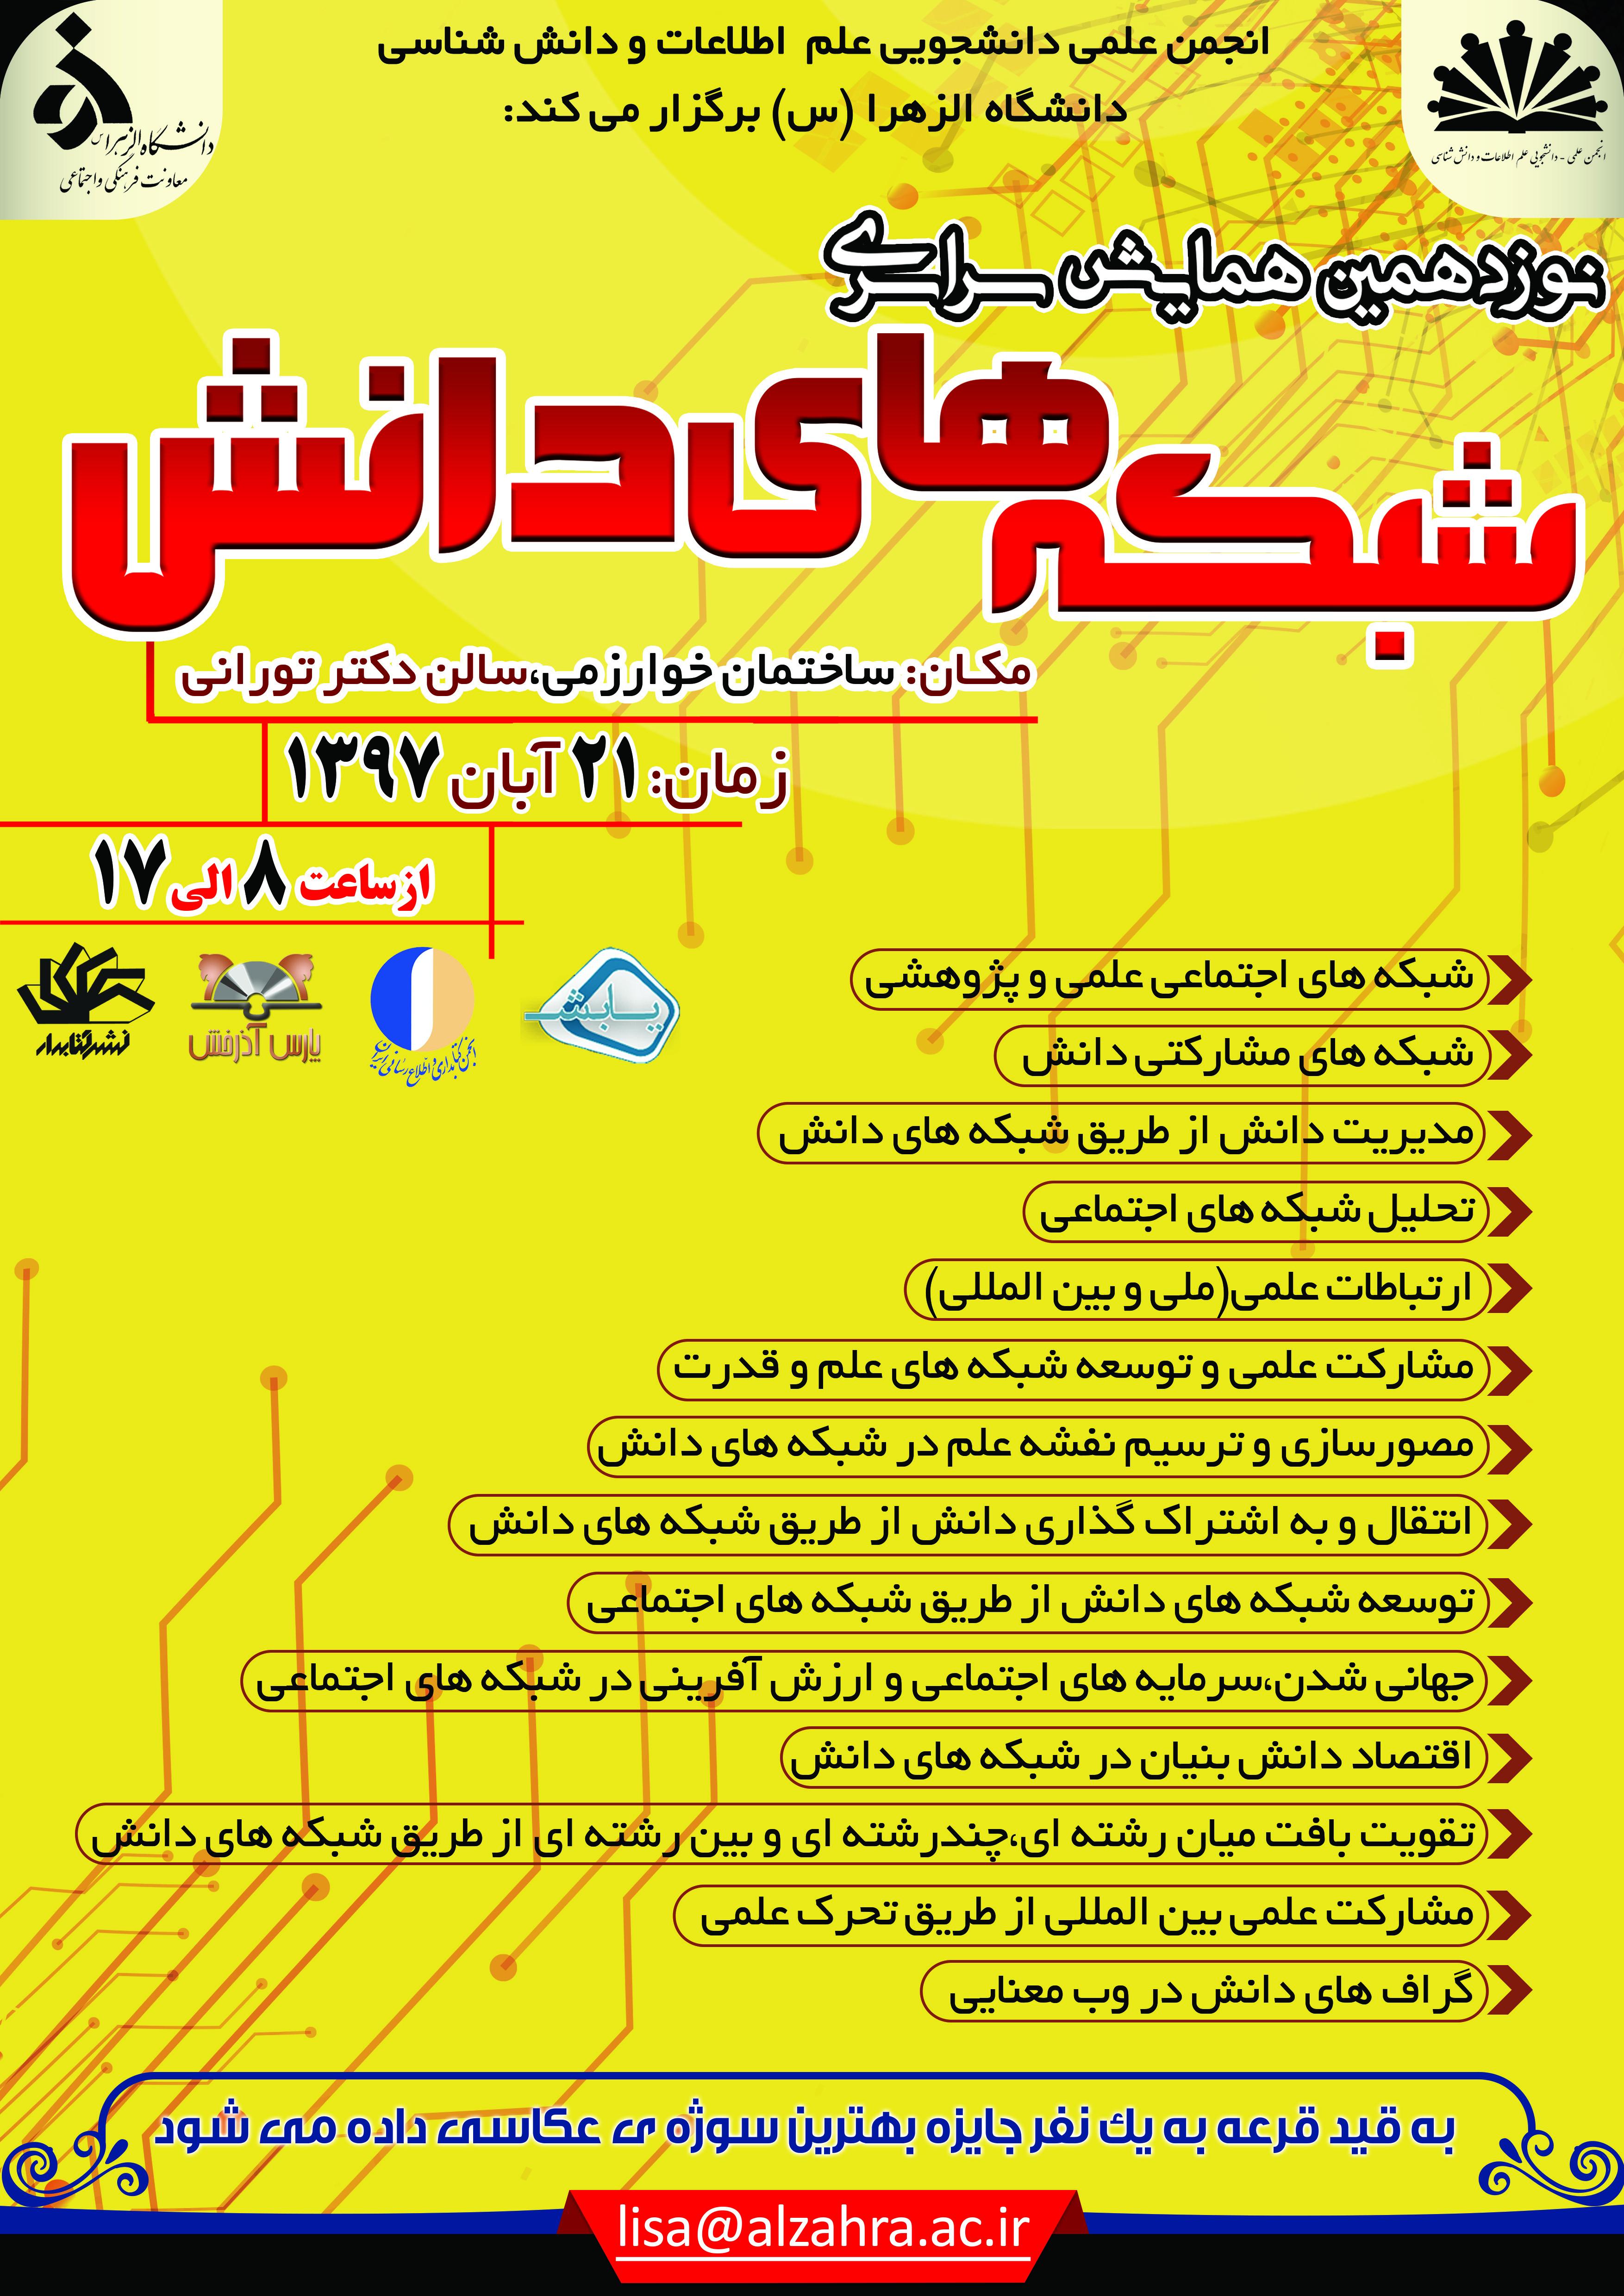 شرکت در نوزدهمین همایش دانشگاه الزهرا